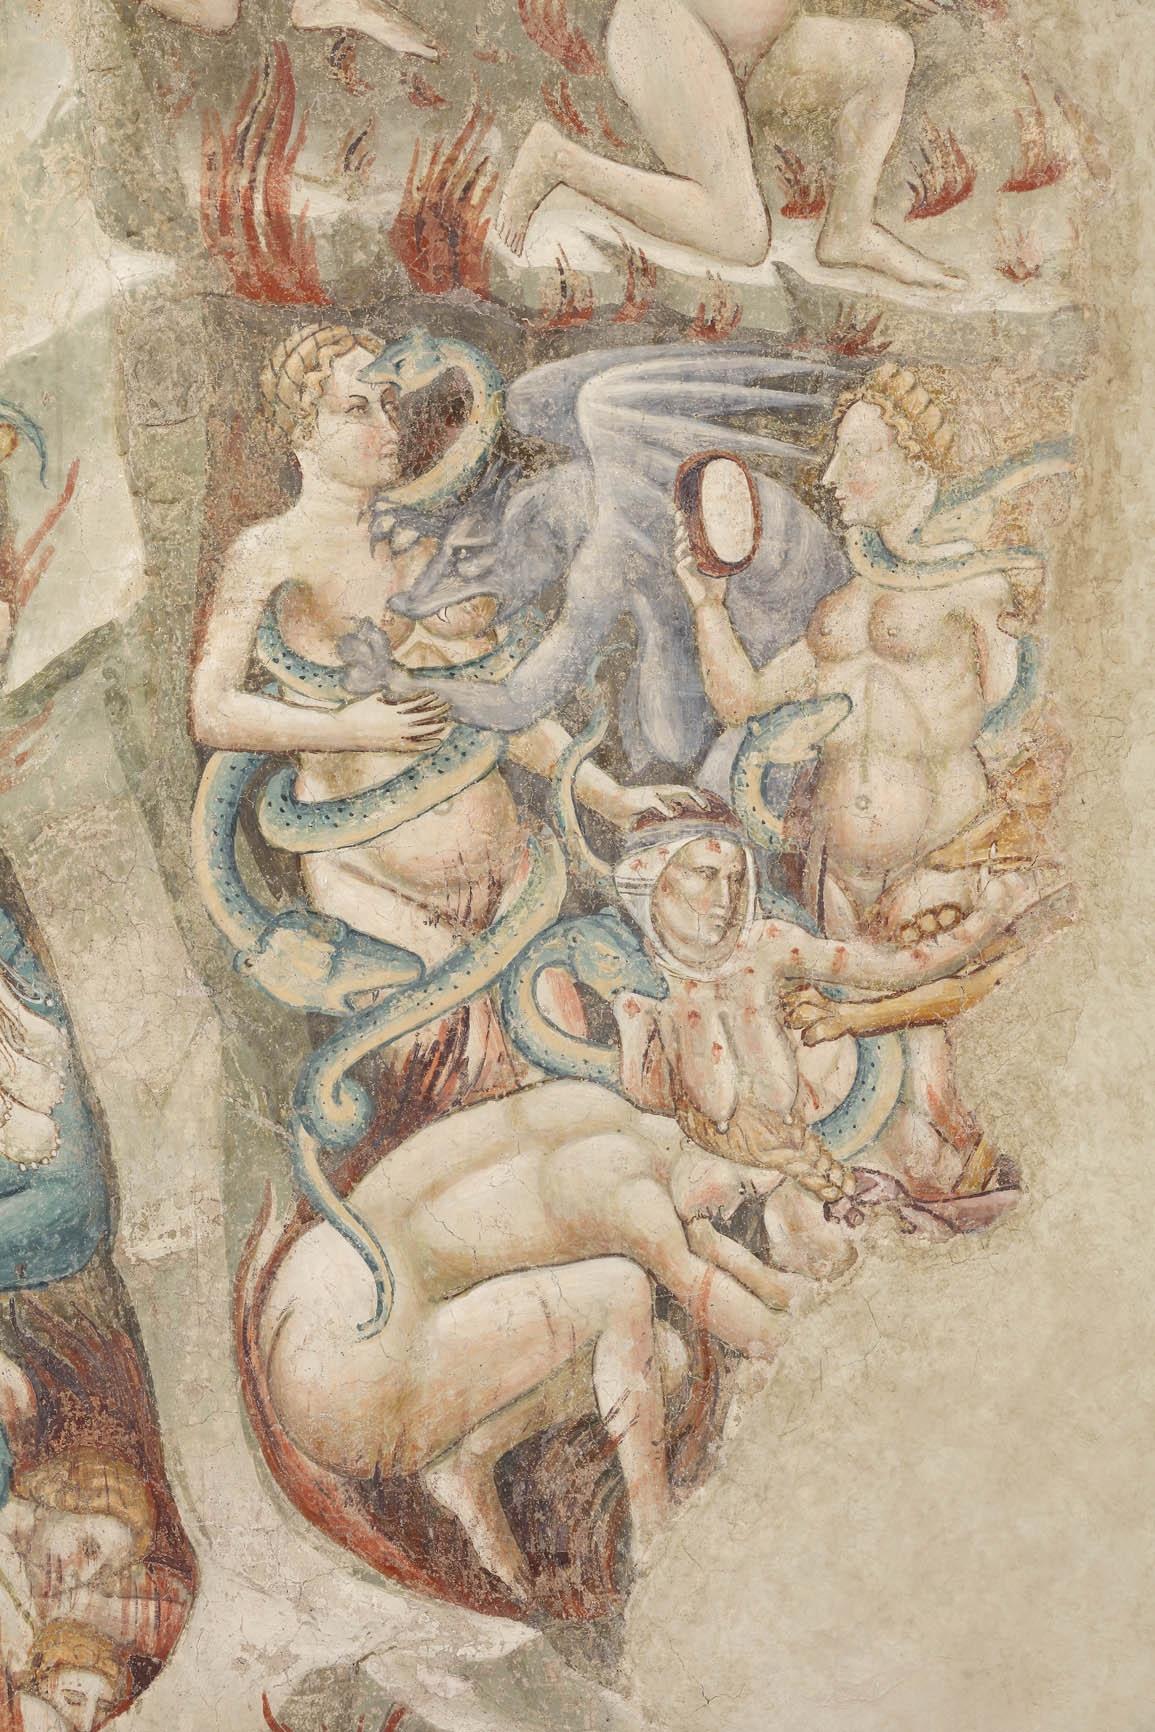 Cenni di Francesco di ser Cenni, particolare dell'Inferno. San Gimignano, San Lorenzo in Ponte.